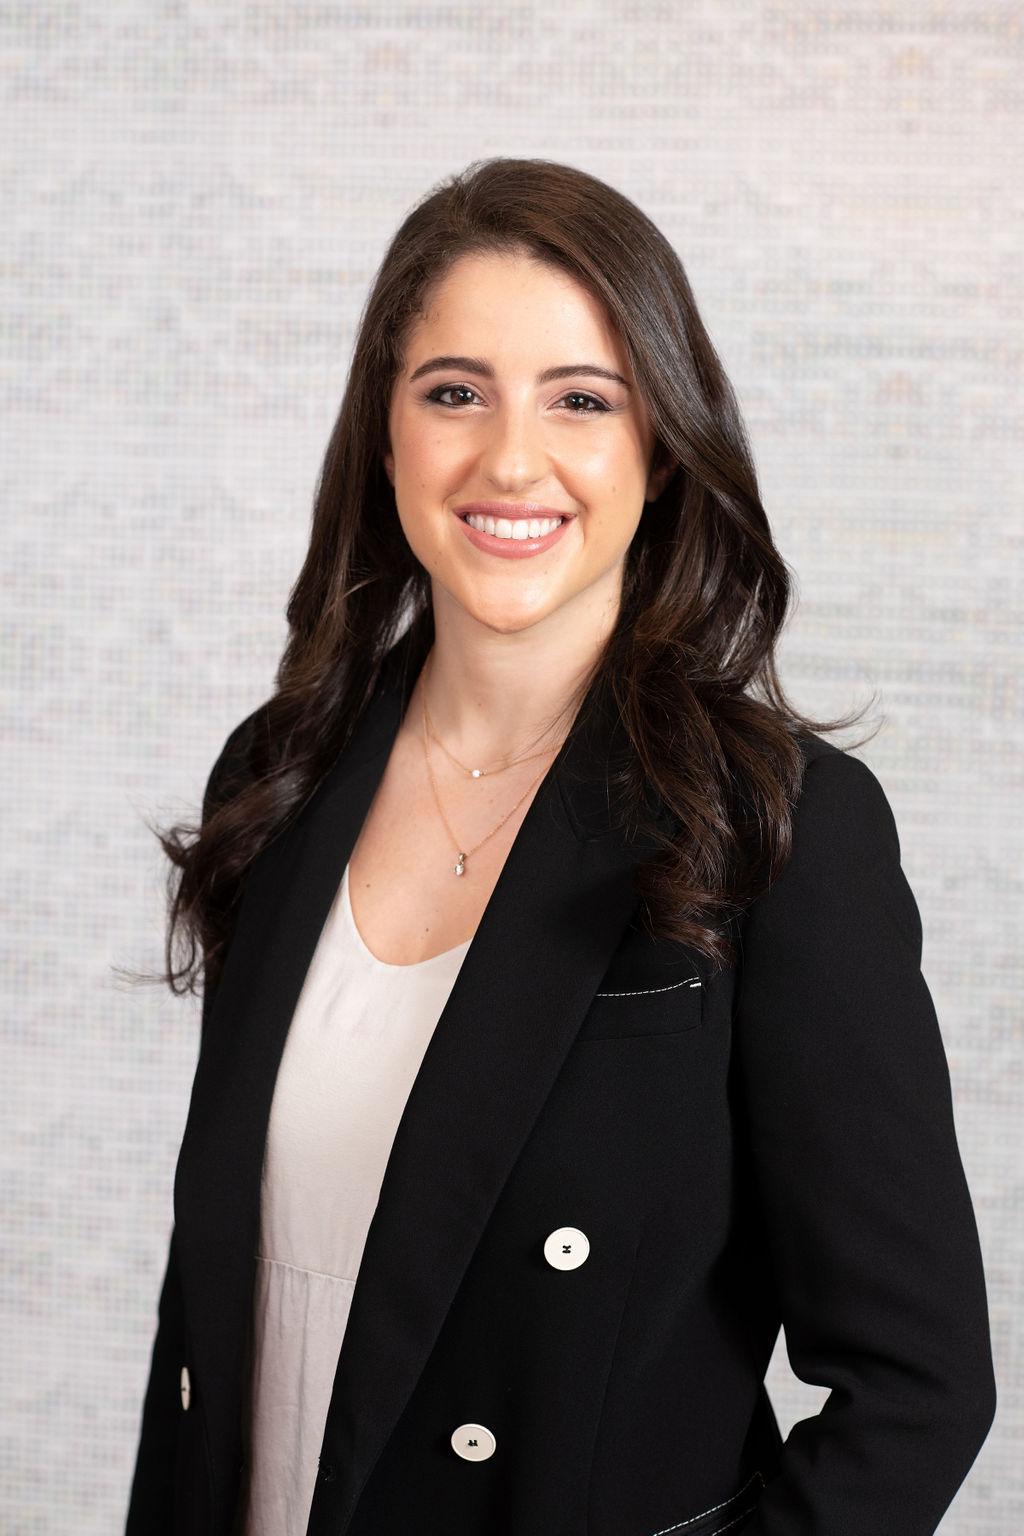 Jenna Meyerson